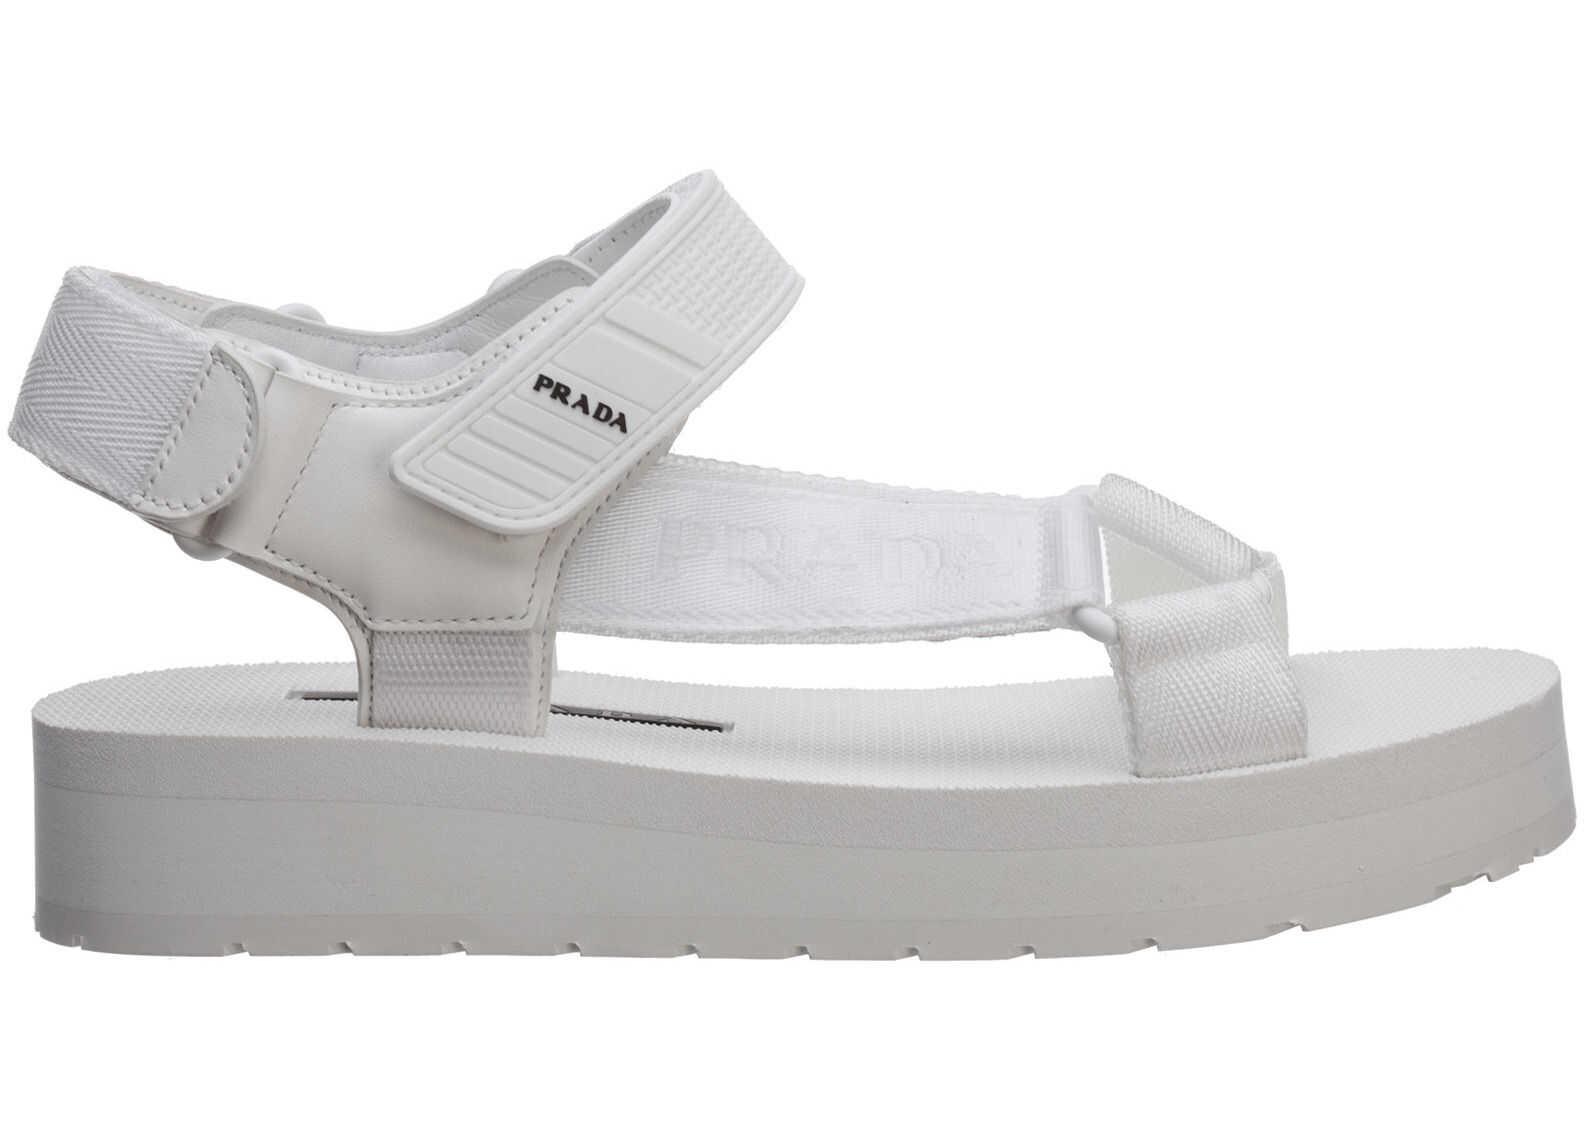 Prada Sandals 1X363L2OGDF0009 White imagine b-mall.ro